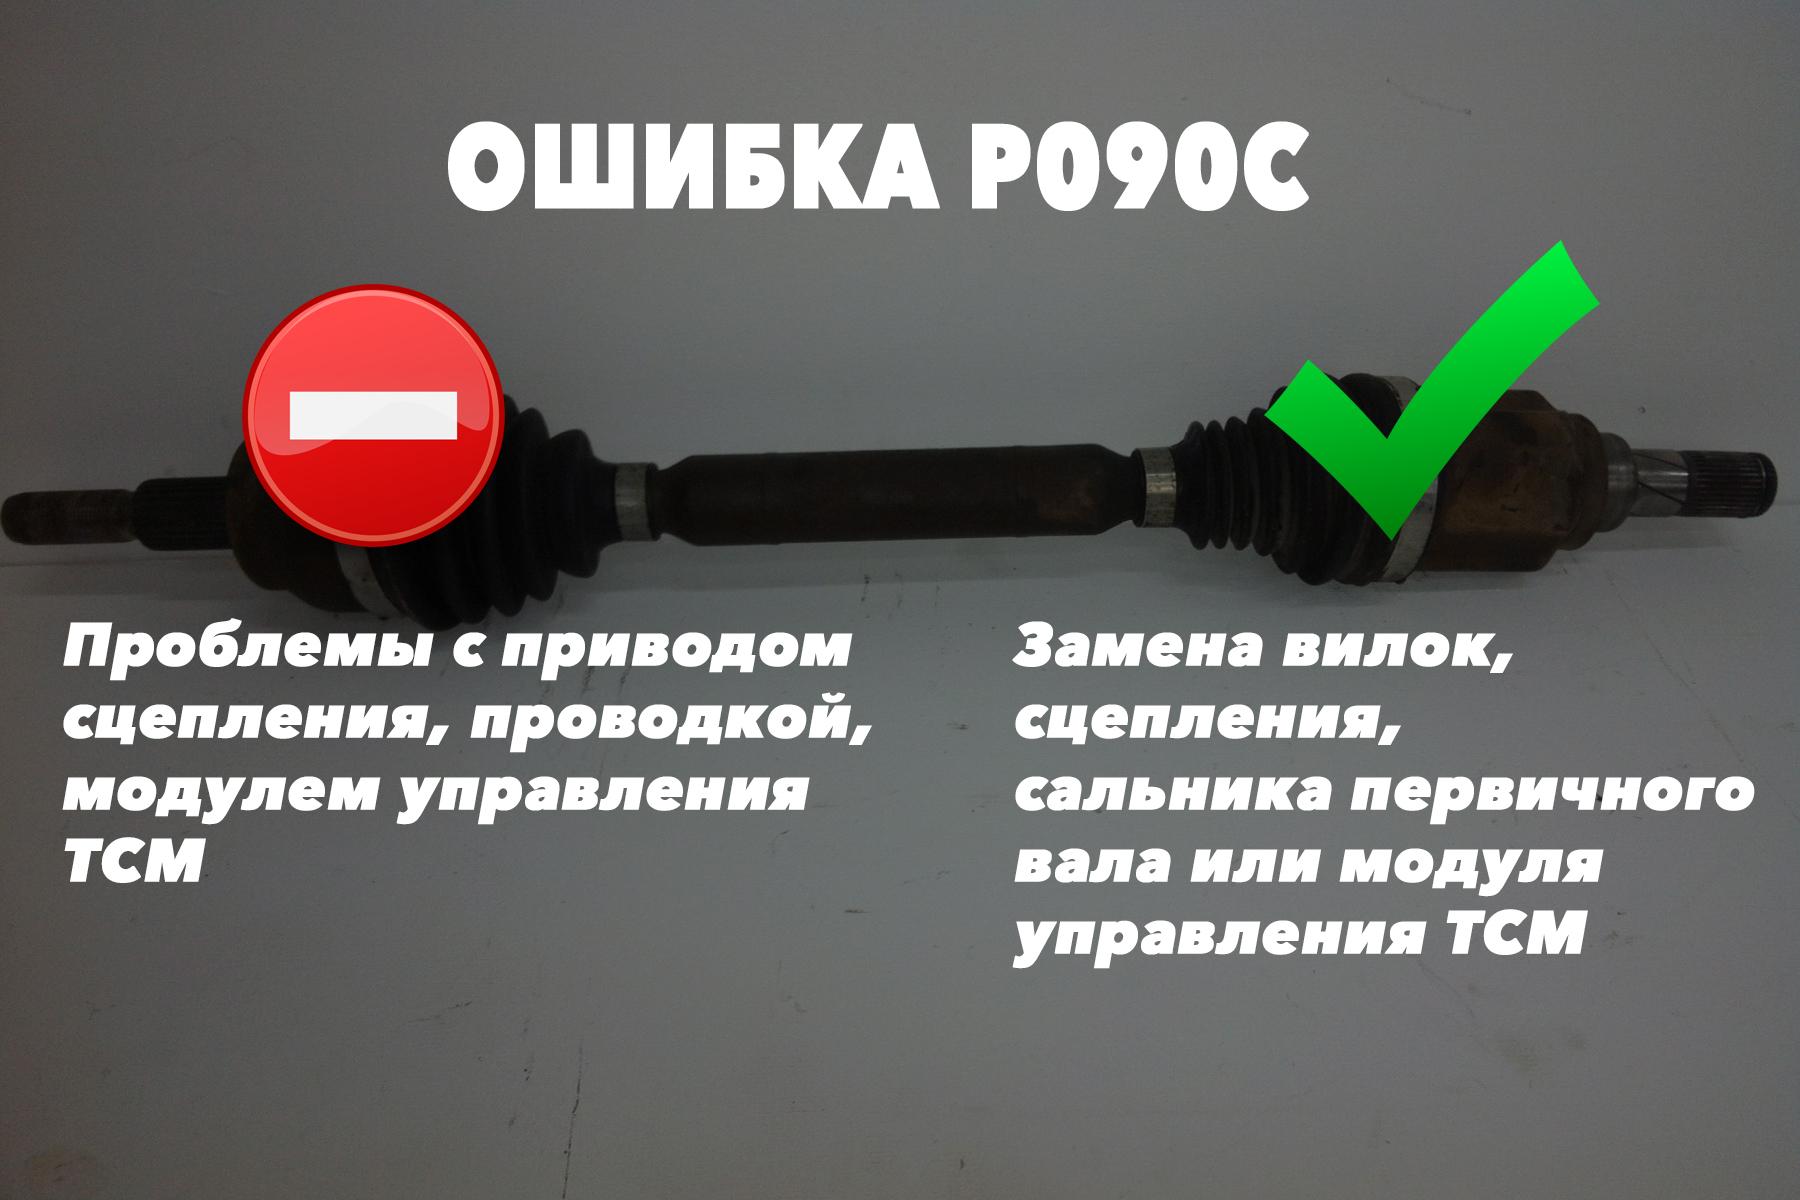 P090C – проблемы с приводом сцепления, проводкой